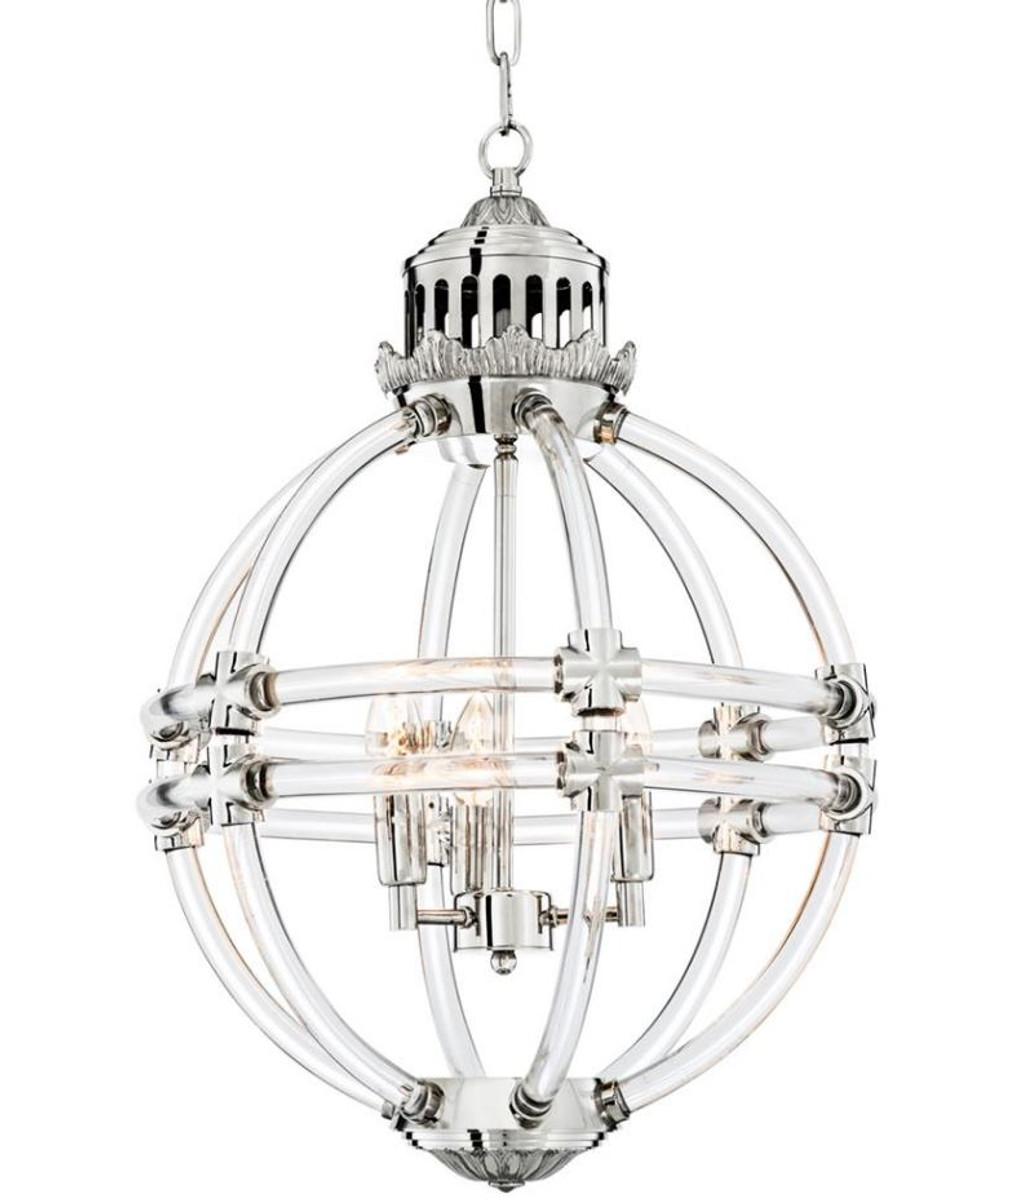 Casa Padrino Luxus Kronleuchter Durchmesser 43 X H. 64 Cm   Möbel Lüster  Leuchter Hängeleuchte Hängelampe